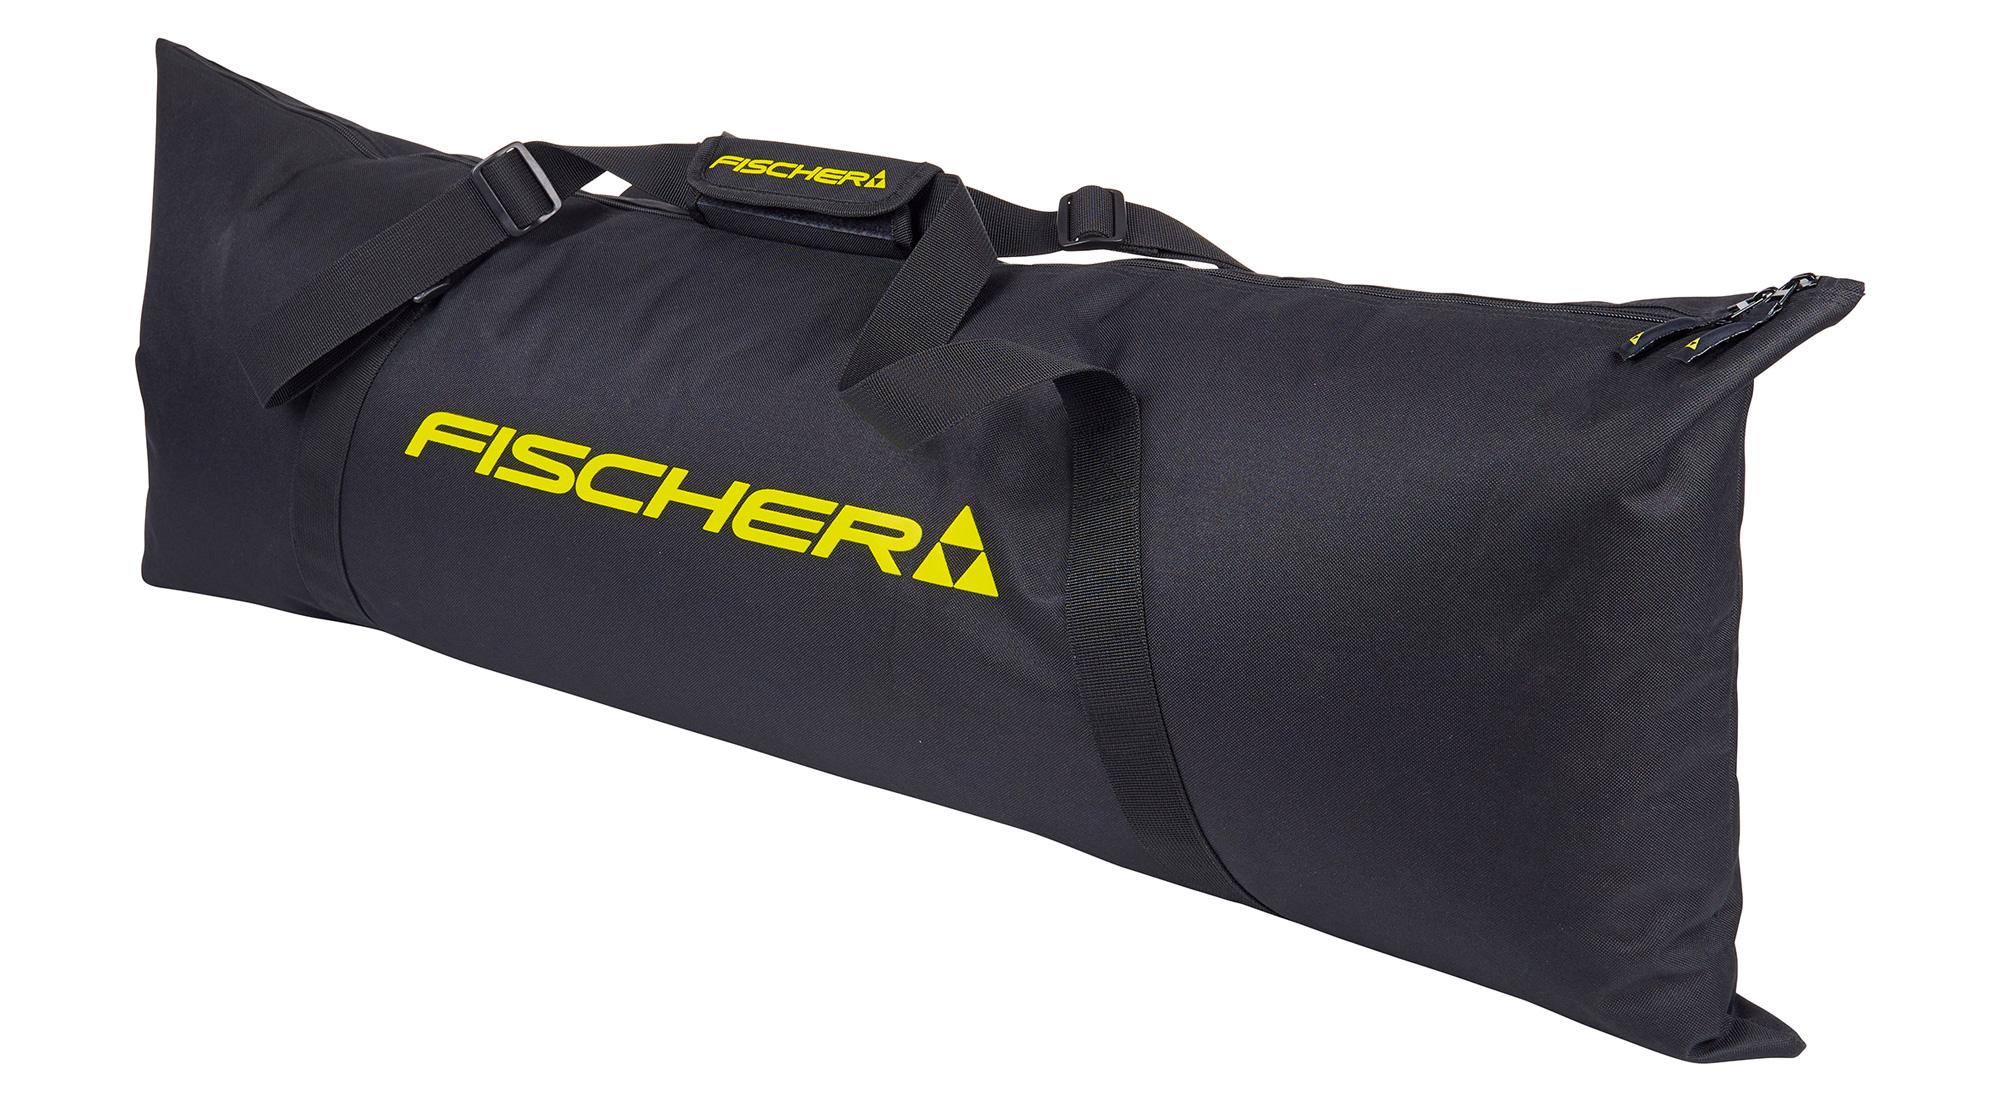 Fischer Rollerski Bag